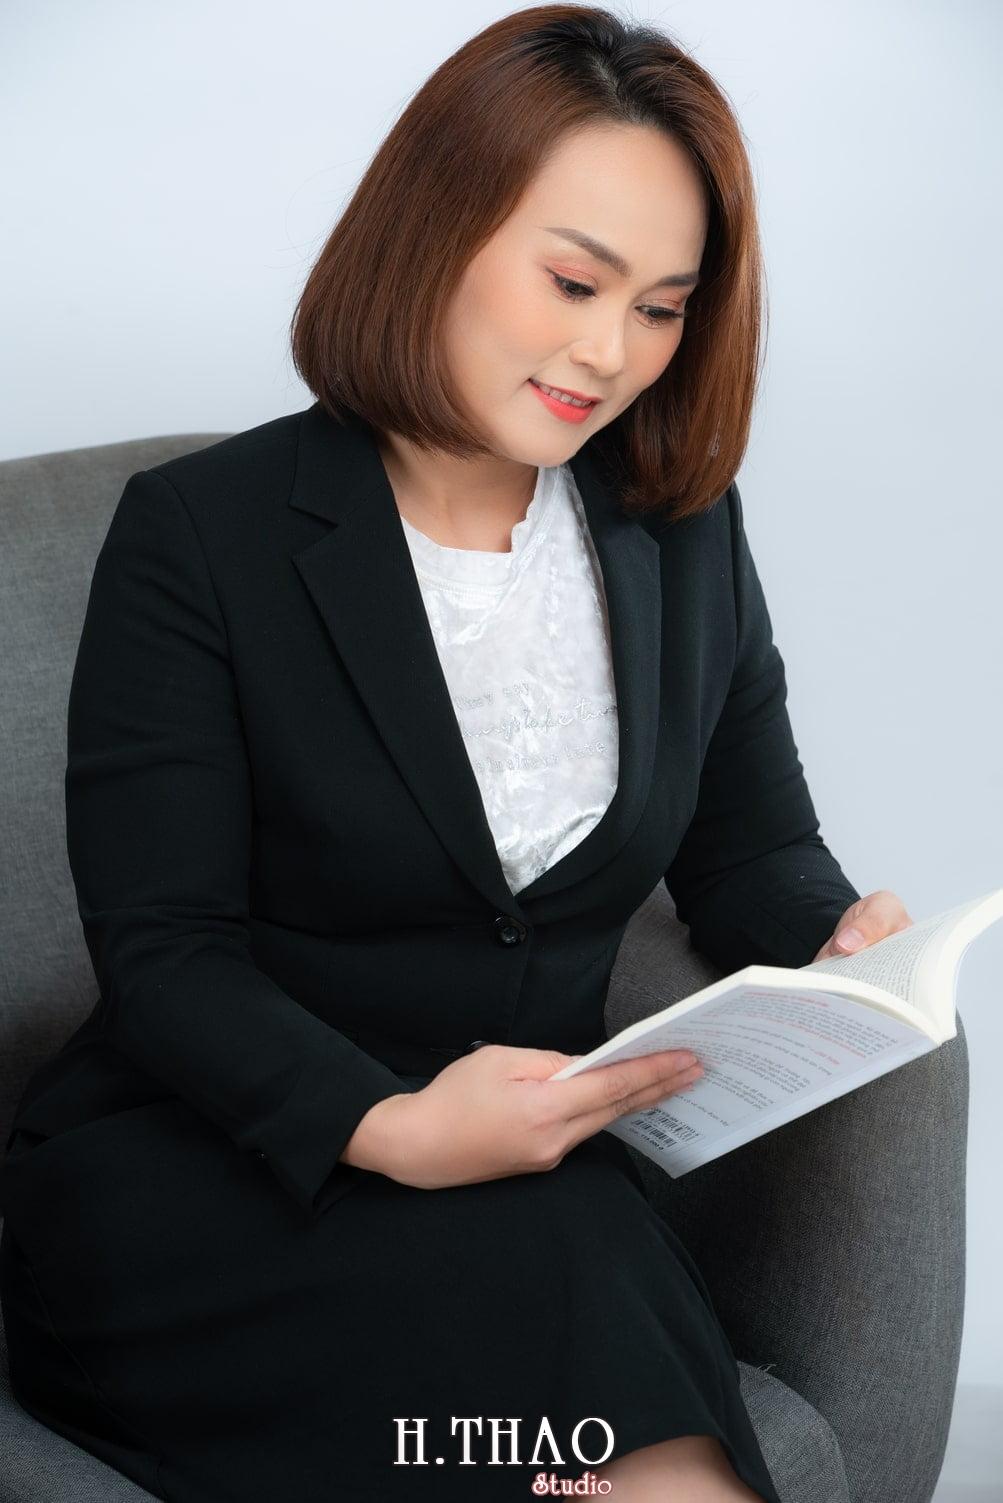 Chi Kim 3 - Album ảnh doanh nhân nữ: chị Kim đẹp nhẹ nhàng - HThao Studio